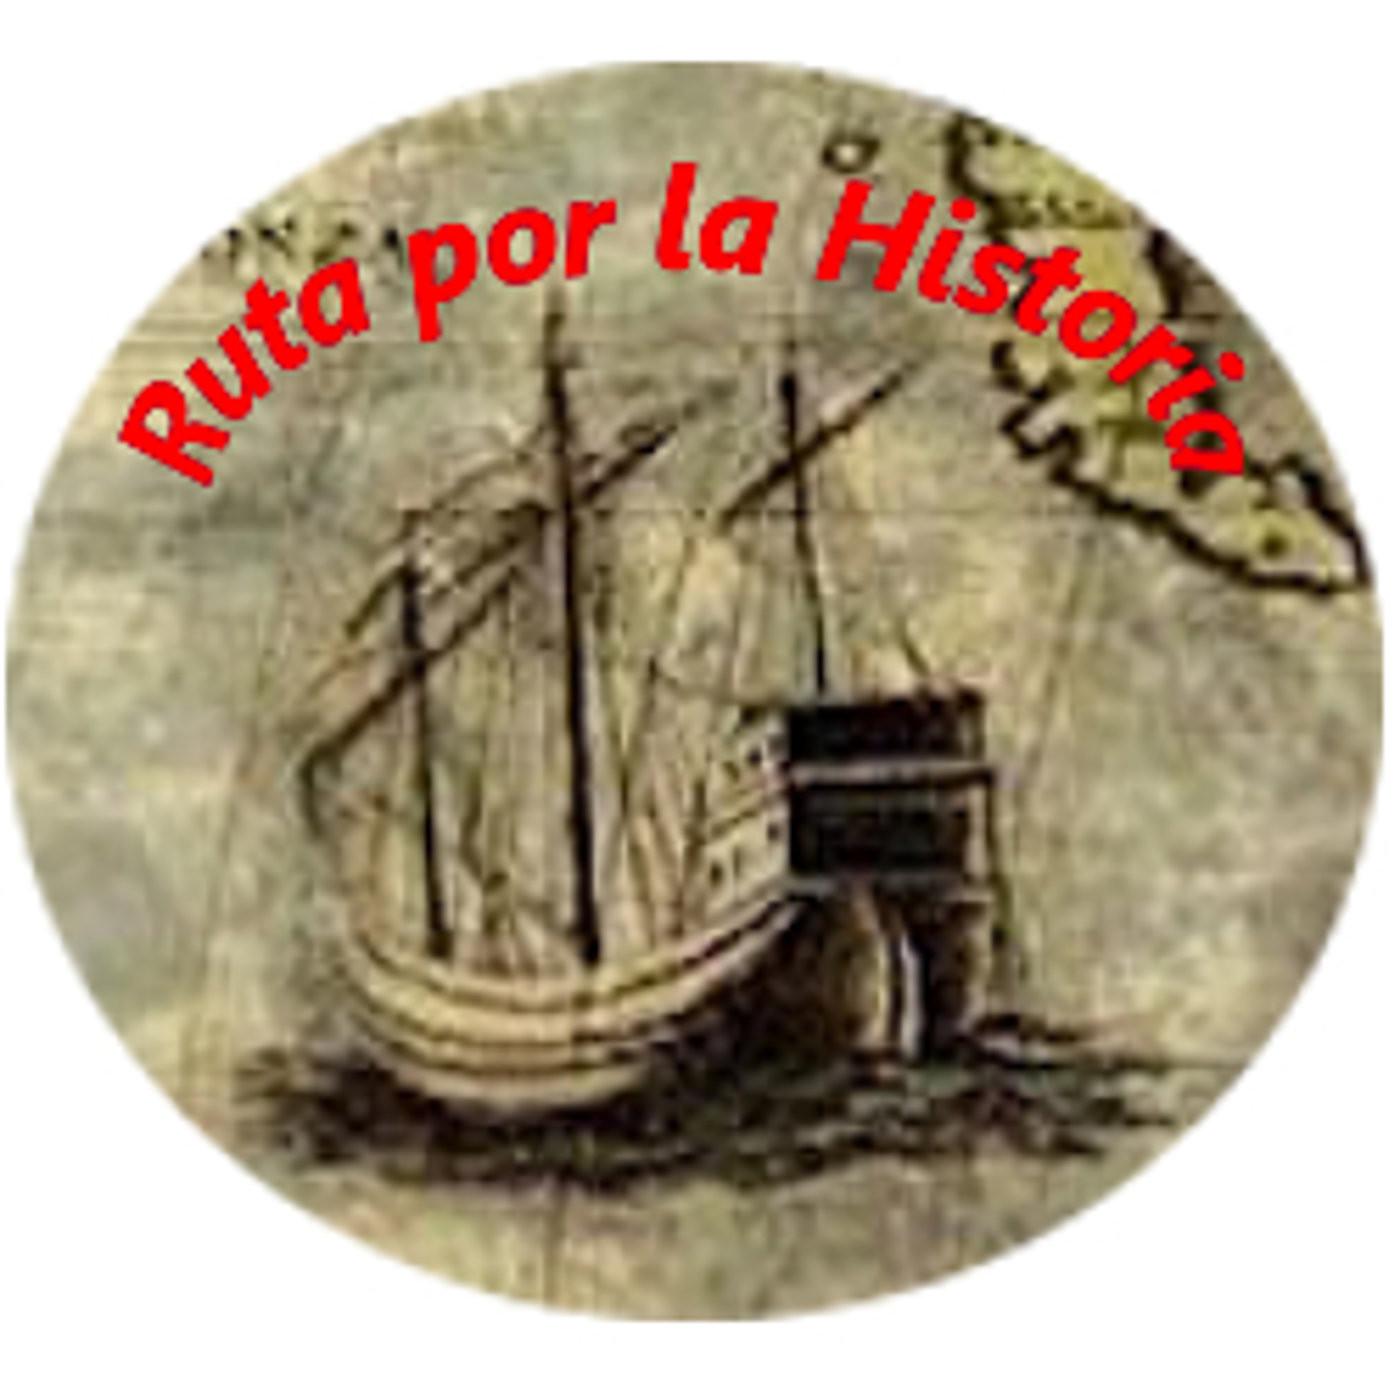 03x28 Ruta por la Historia: Pancho Villa (21/04/17)